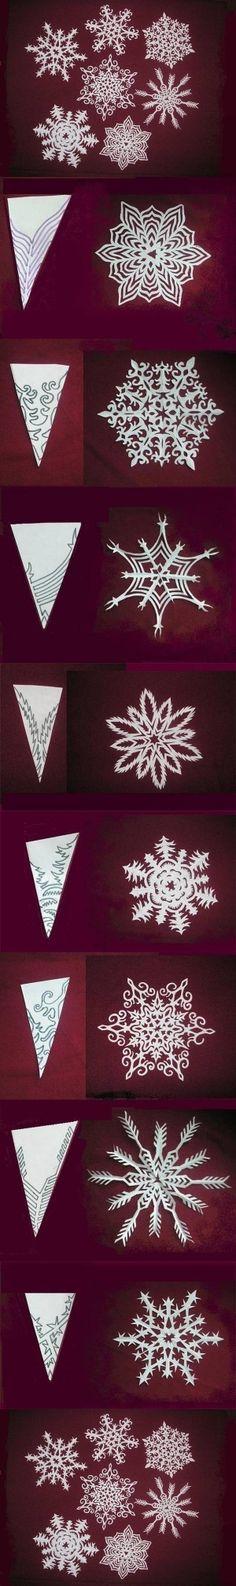 Copos de Nieve - Navidad ya paso pero son sencillos de hacer...yo hice unos y los puse en mi ventana para decorarla!...